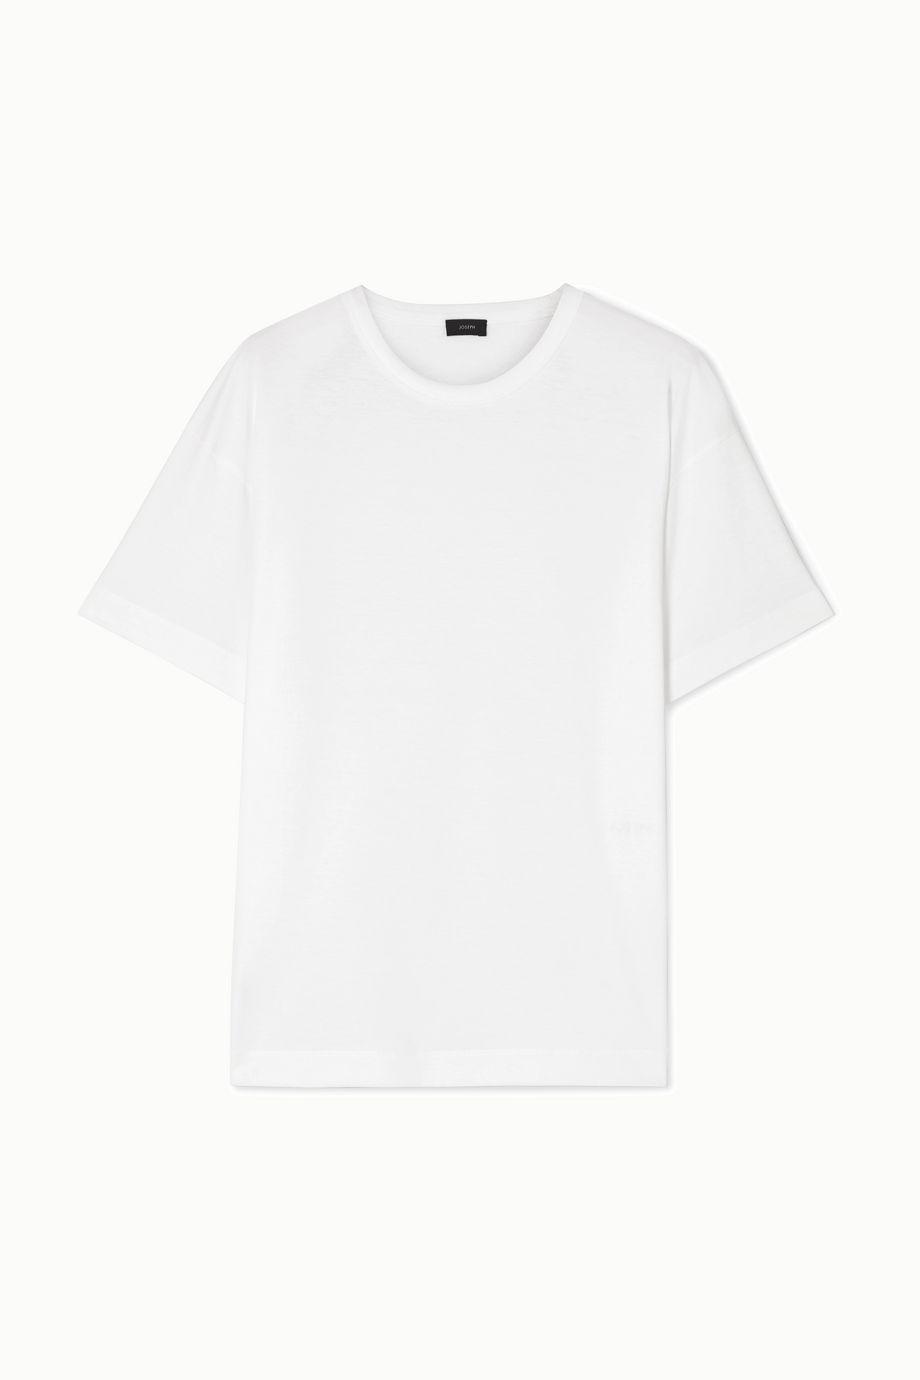 Joseph T-shirt en jersey de coton à broderie Perfect